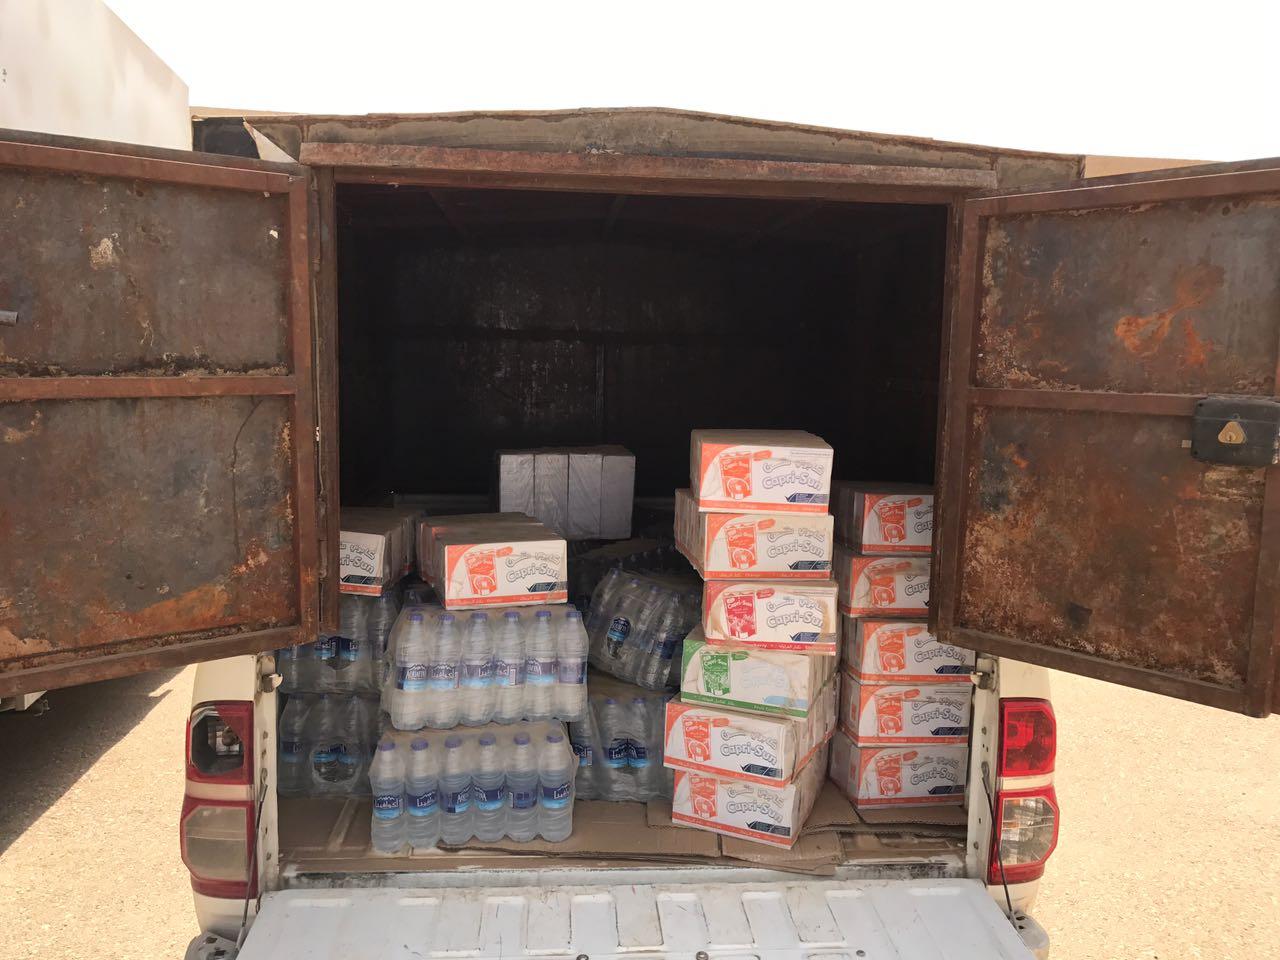 صورة بلدية أشيقر تضبط مركبتين ومستودع للمواد الغذائية لعدم مطابقتهم للمواصفات